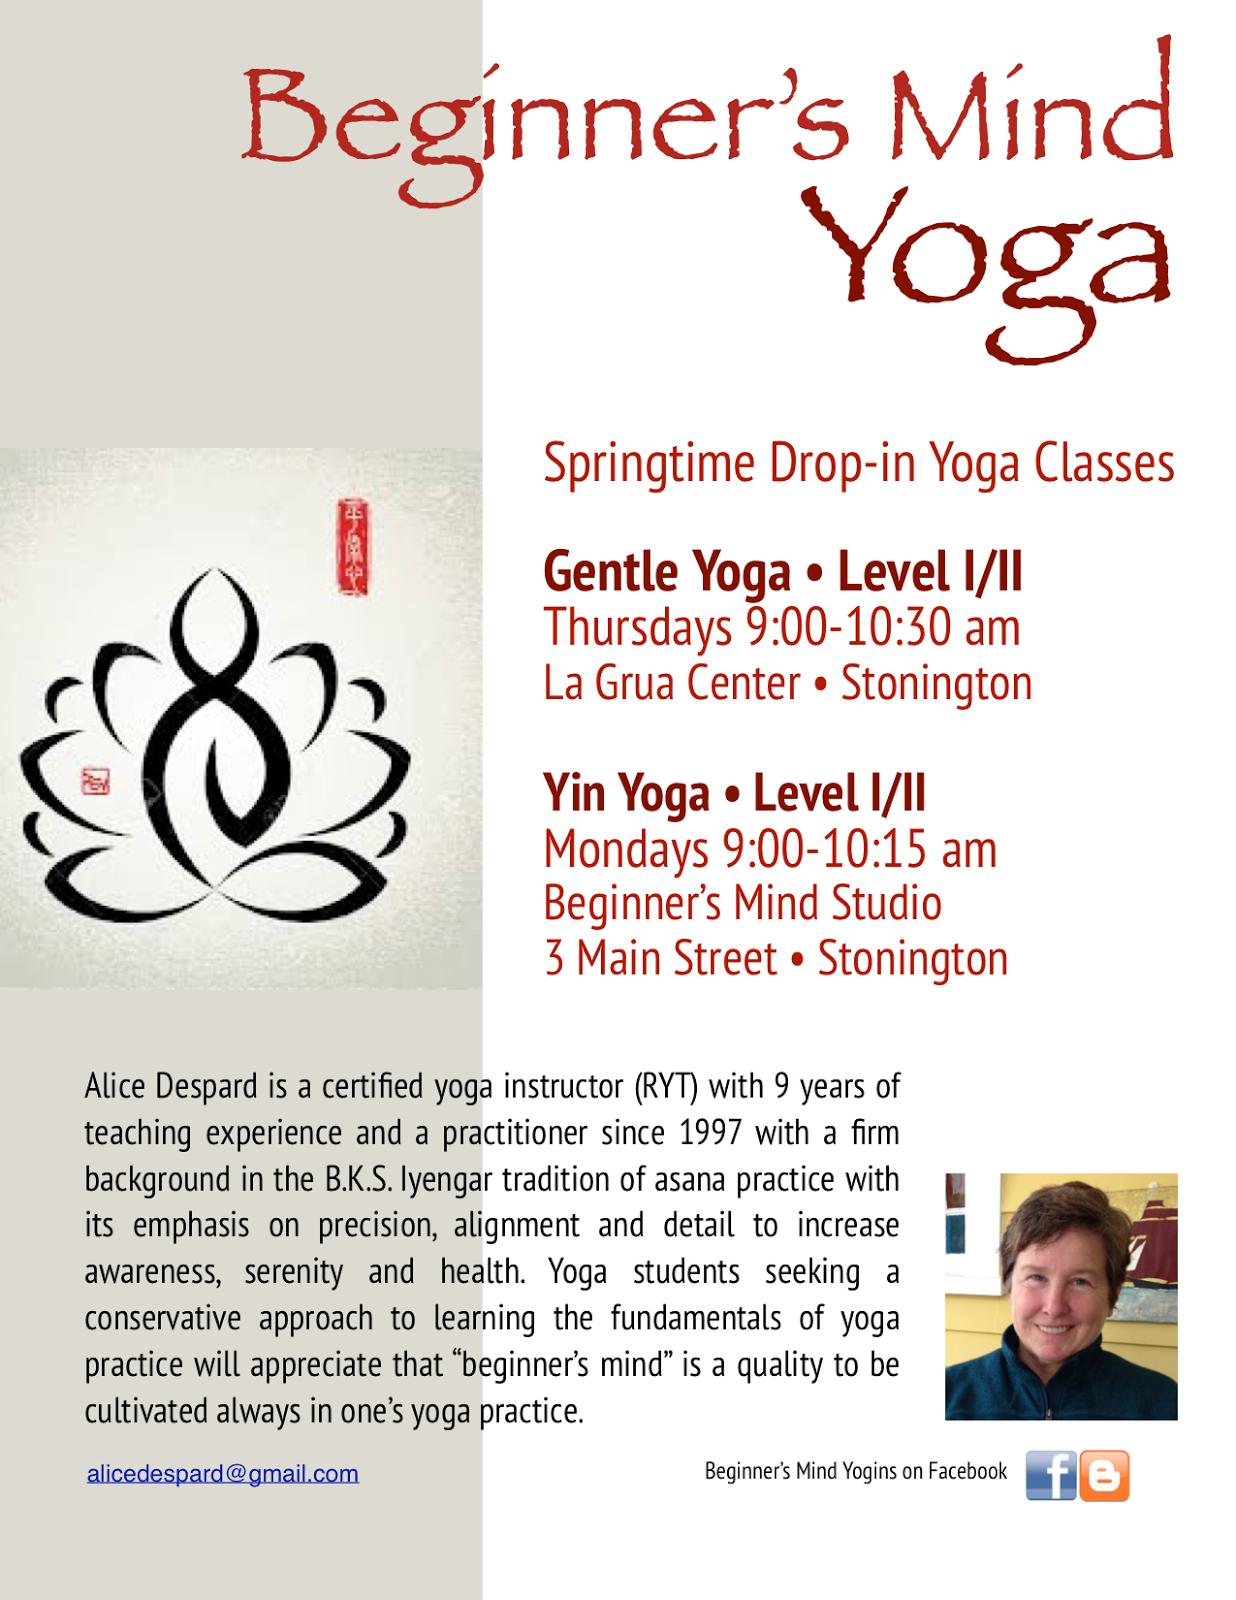 Beginners Mind Yoga